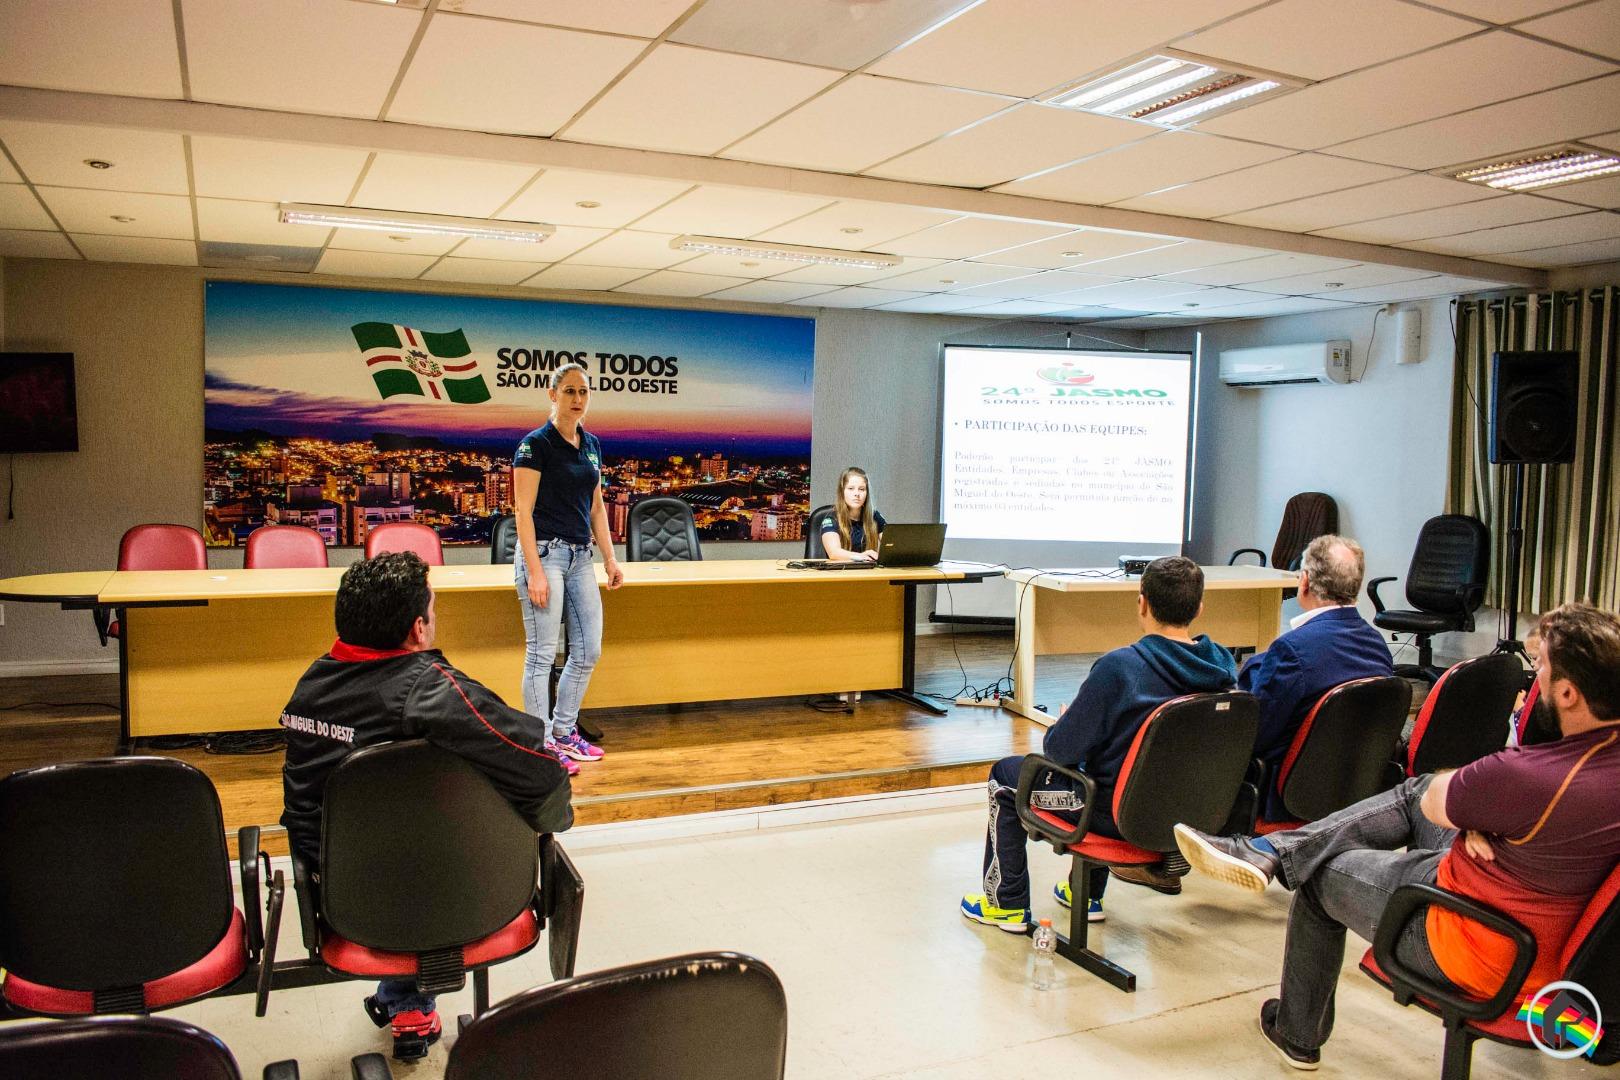 24º Jogos Abertos de São Miguel do Oeste é oficialmente lançado